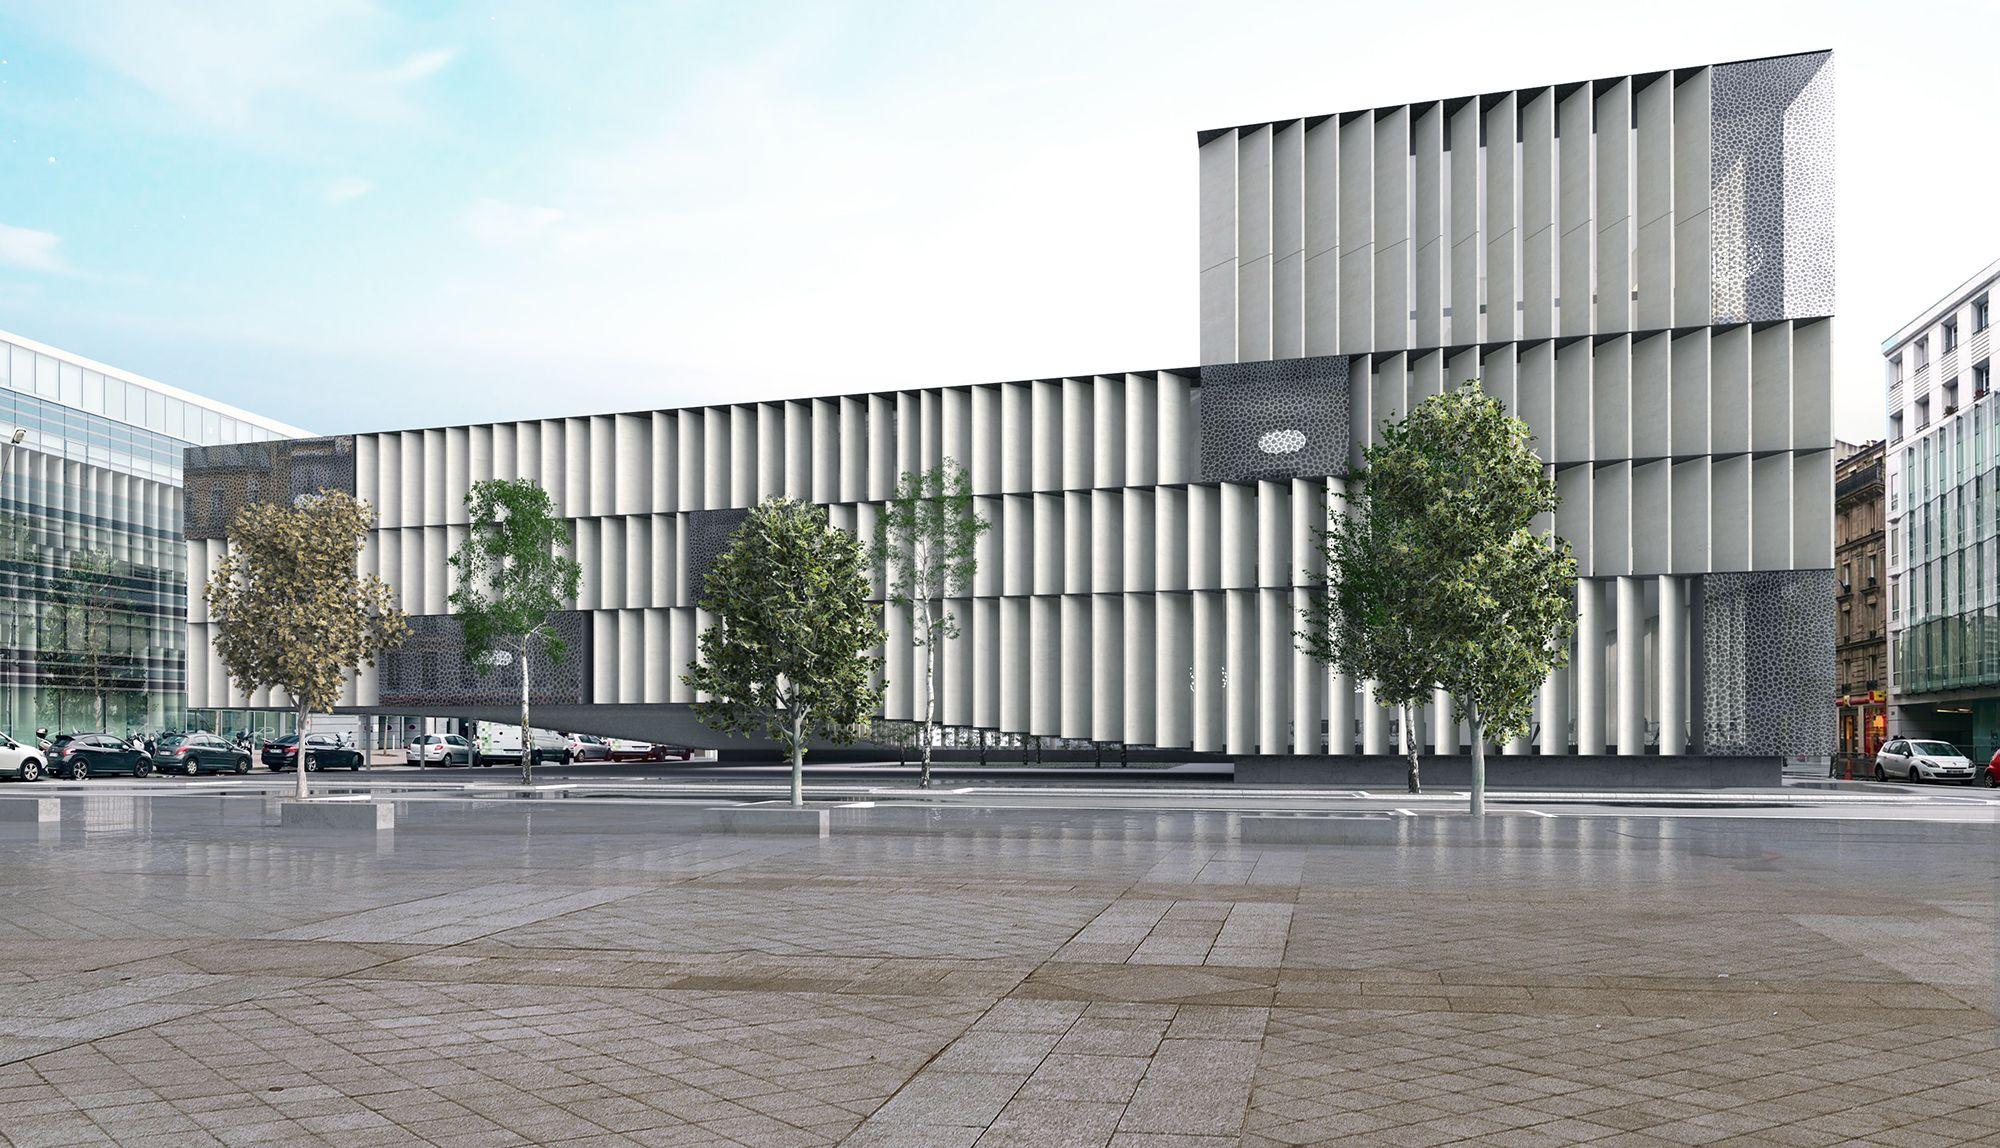 Le projet architectural d immeuble de bureaux que l agence aum de